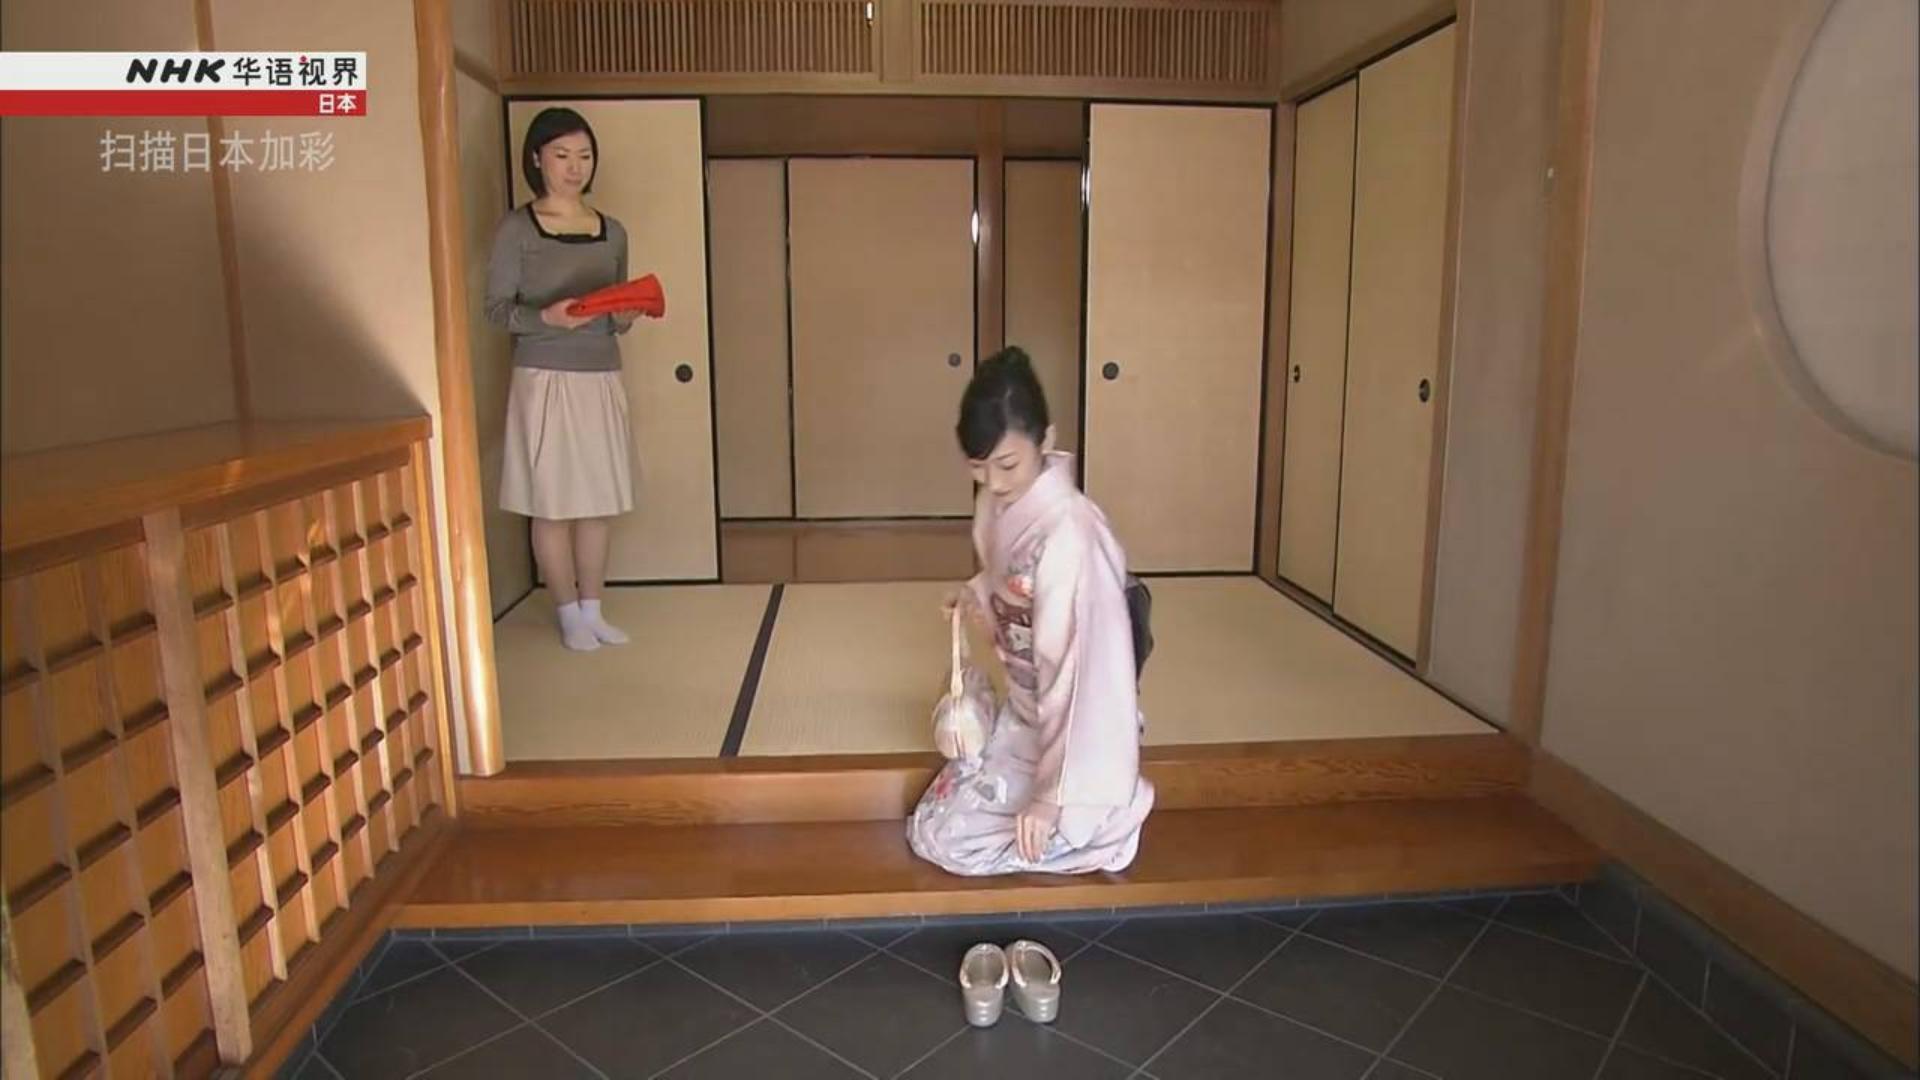 纪录片.NHK.扫描日本加彩:拖鞋.2019[中文英文双版本]